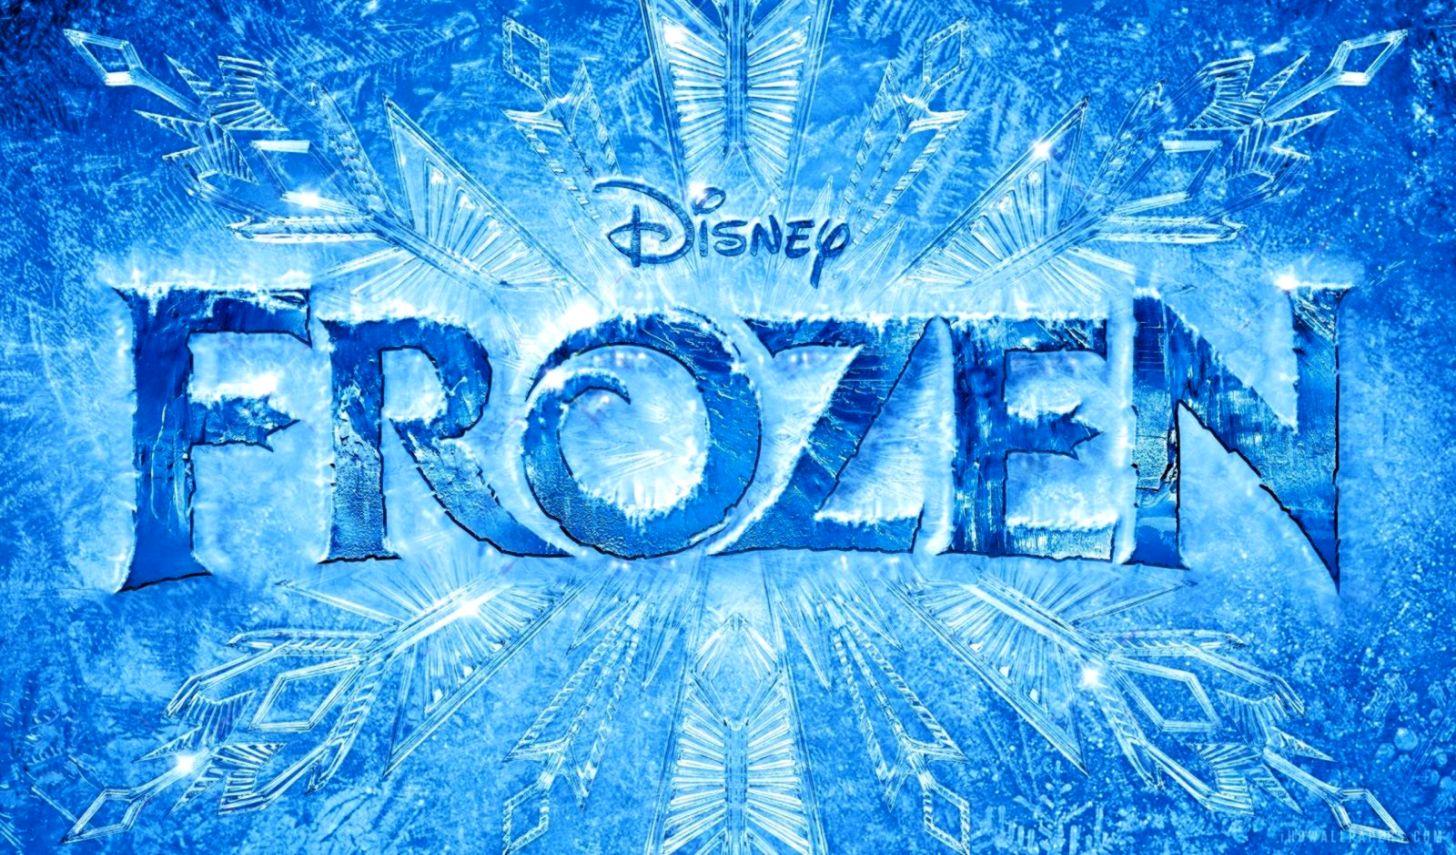 Frozen Russian Wallpapers Elsa and Anna Wallpaper